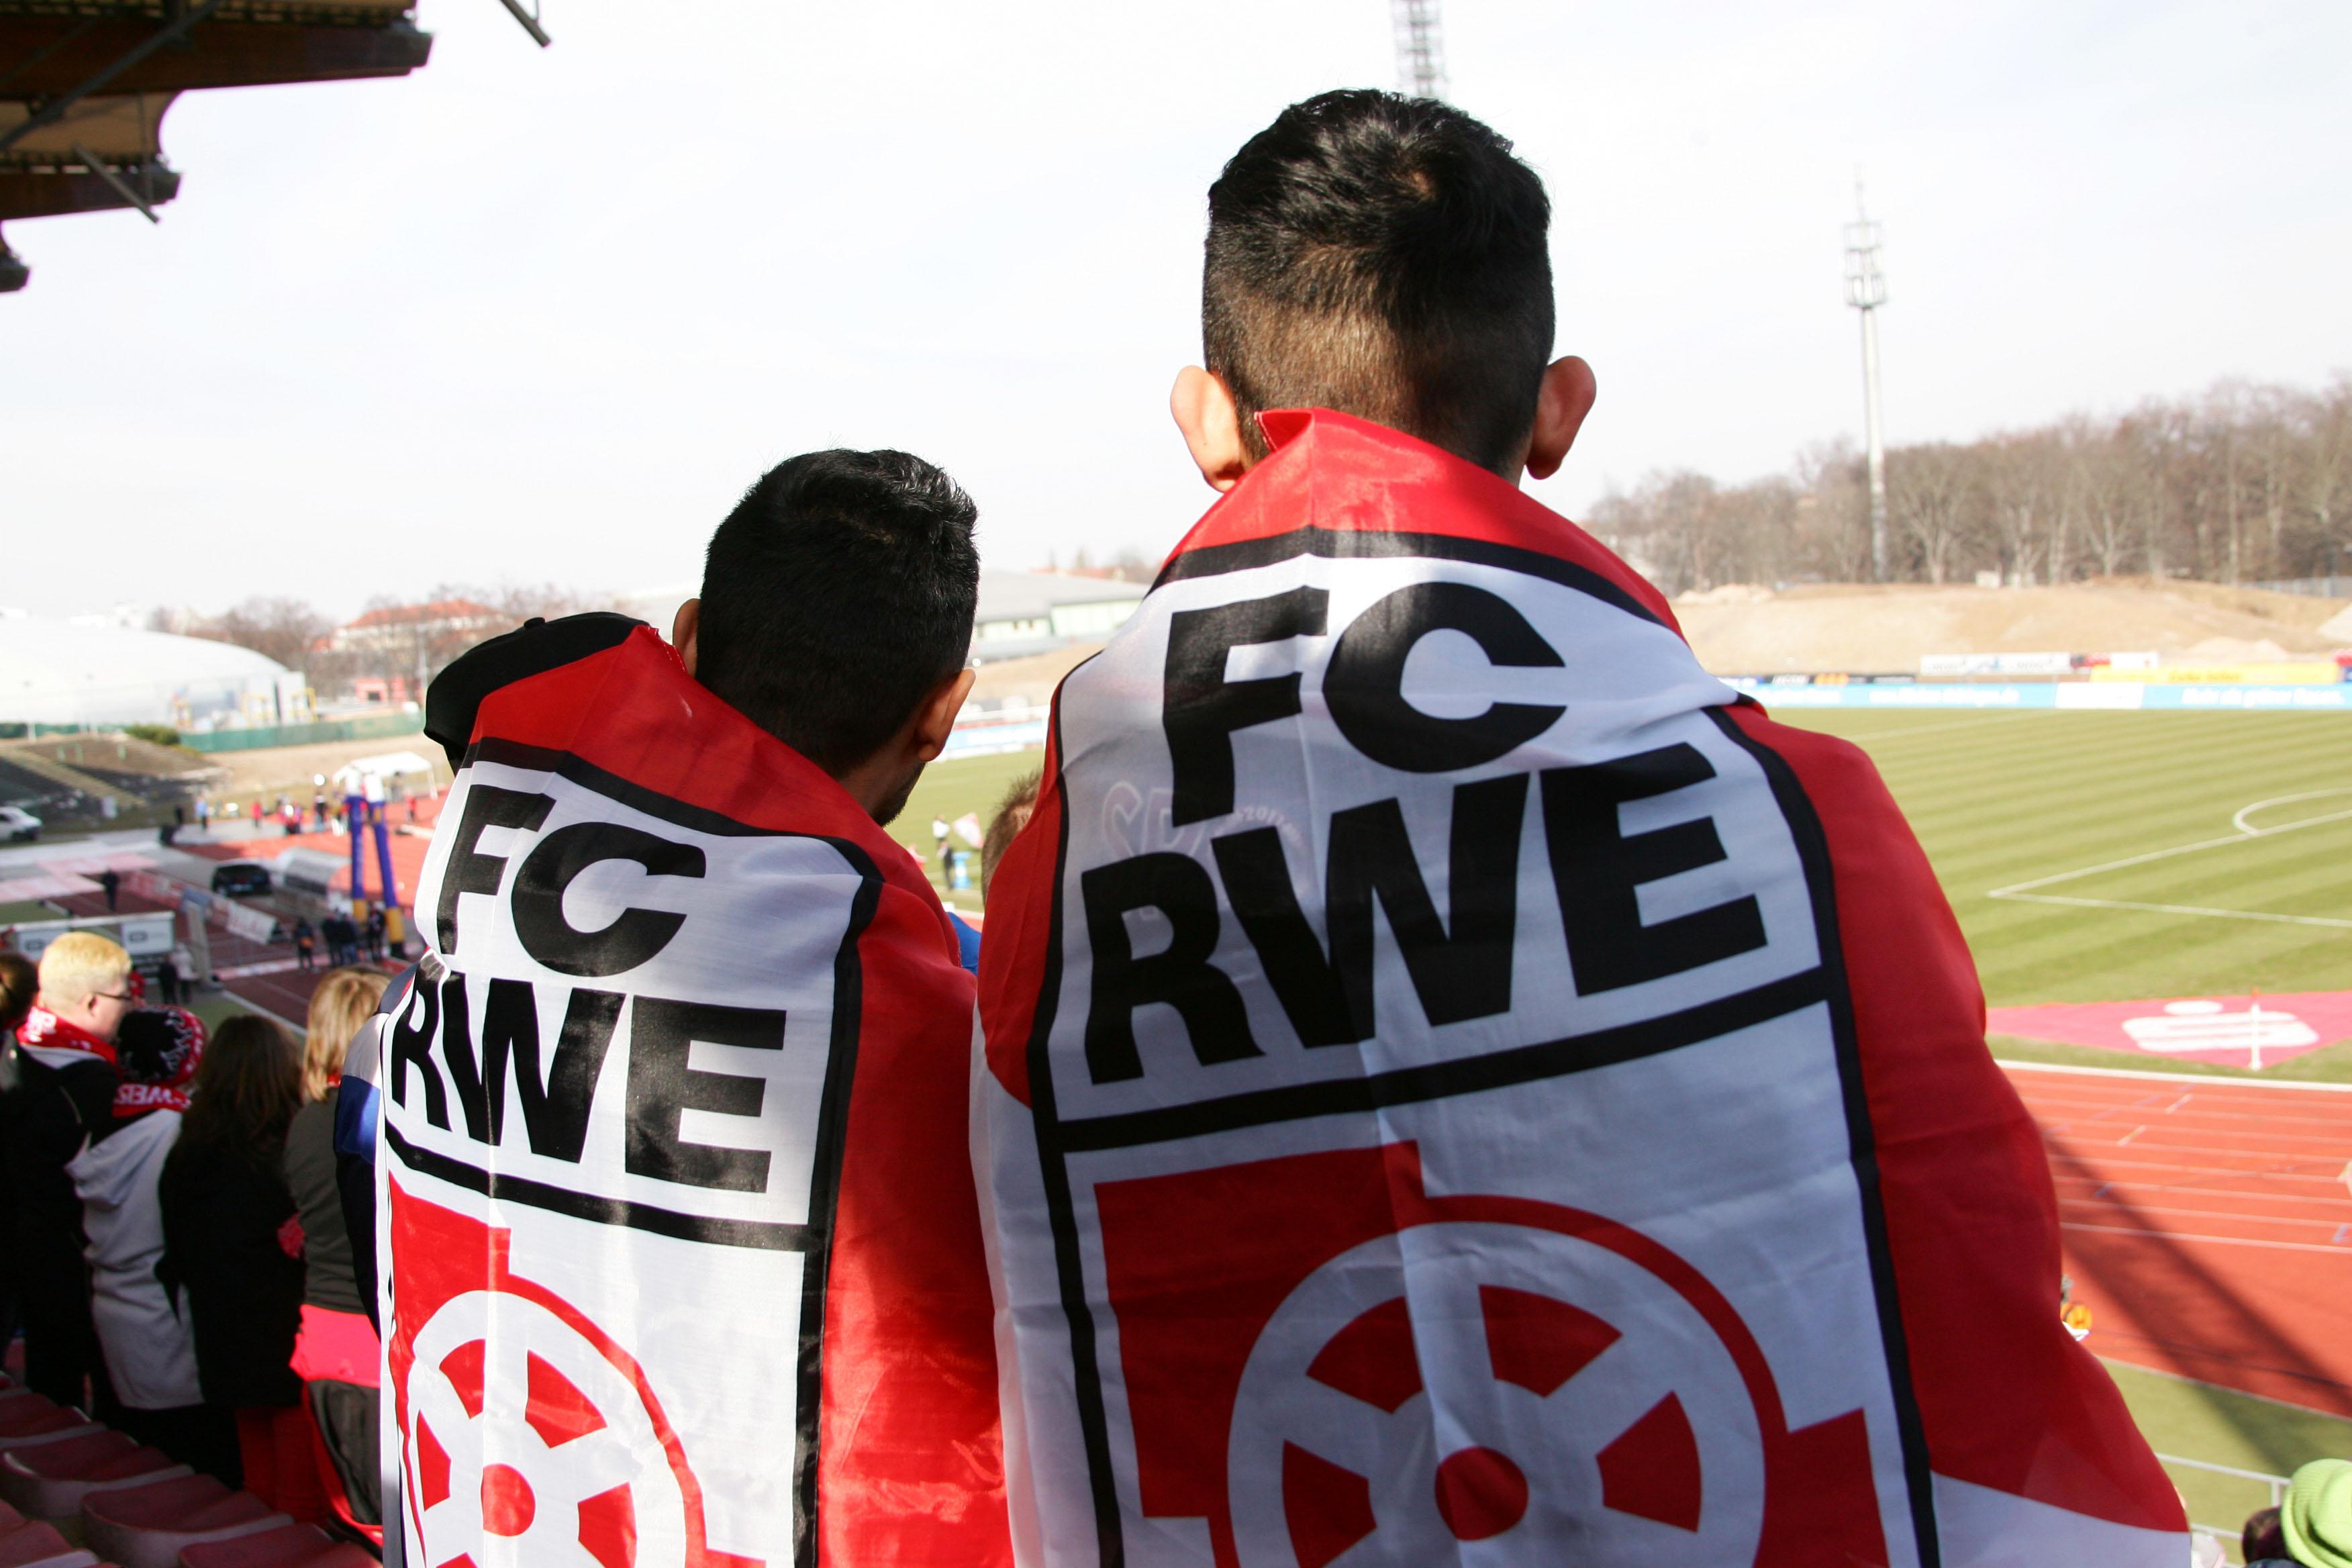 Zwei Jugendliche mit RWE-Fahnen. Foto: Sylvio Hoffmann